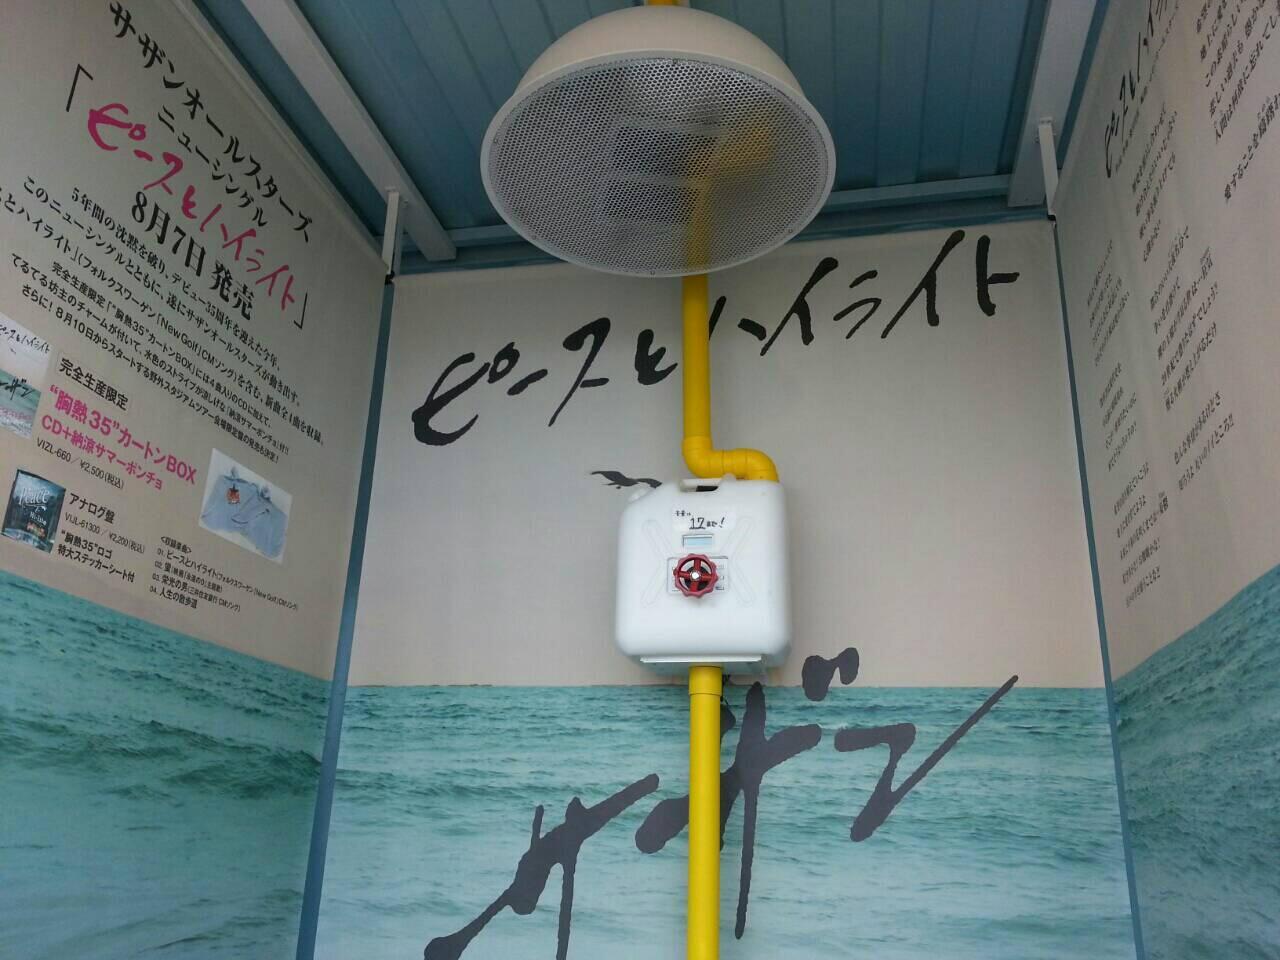 """「サザンビーチちがさき」にてオープンしている""""サザン胸熱 BEACH SHOP""""に本日から「ミュージックシャワーブース」が新たにオープンいたしました!!! シャワー型のスピーカーから楽曲が降り注ぐ試聴ブースです♪ http://t.co/vogJPr2nx9"""